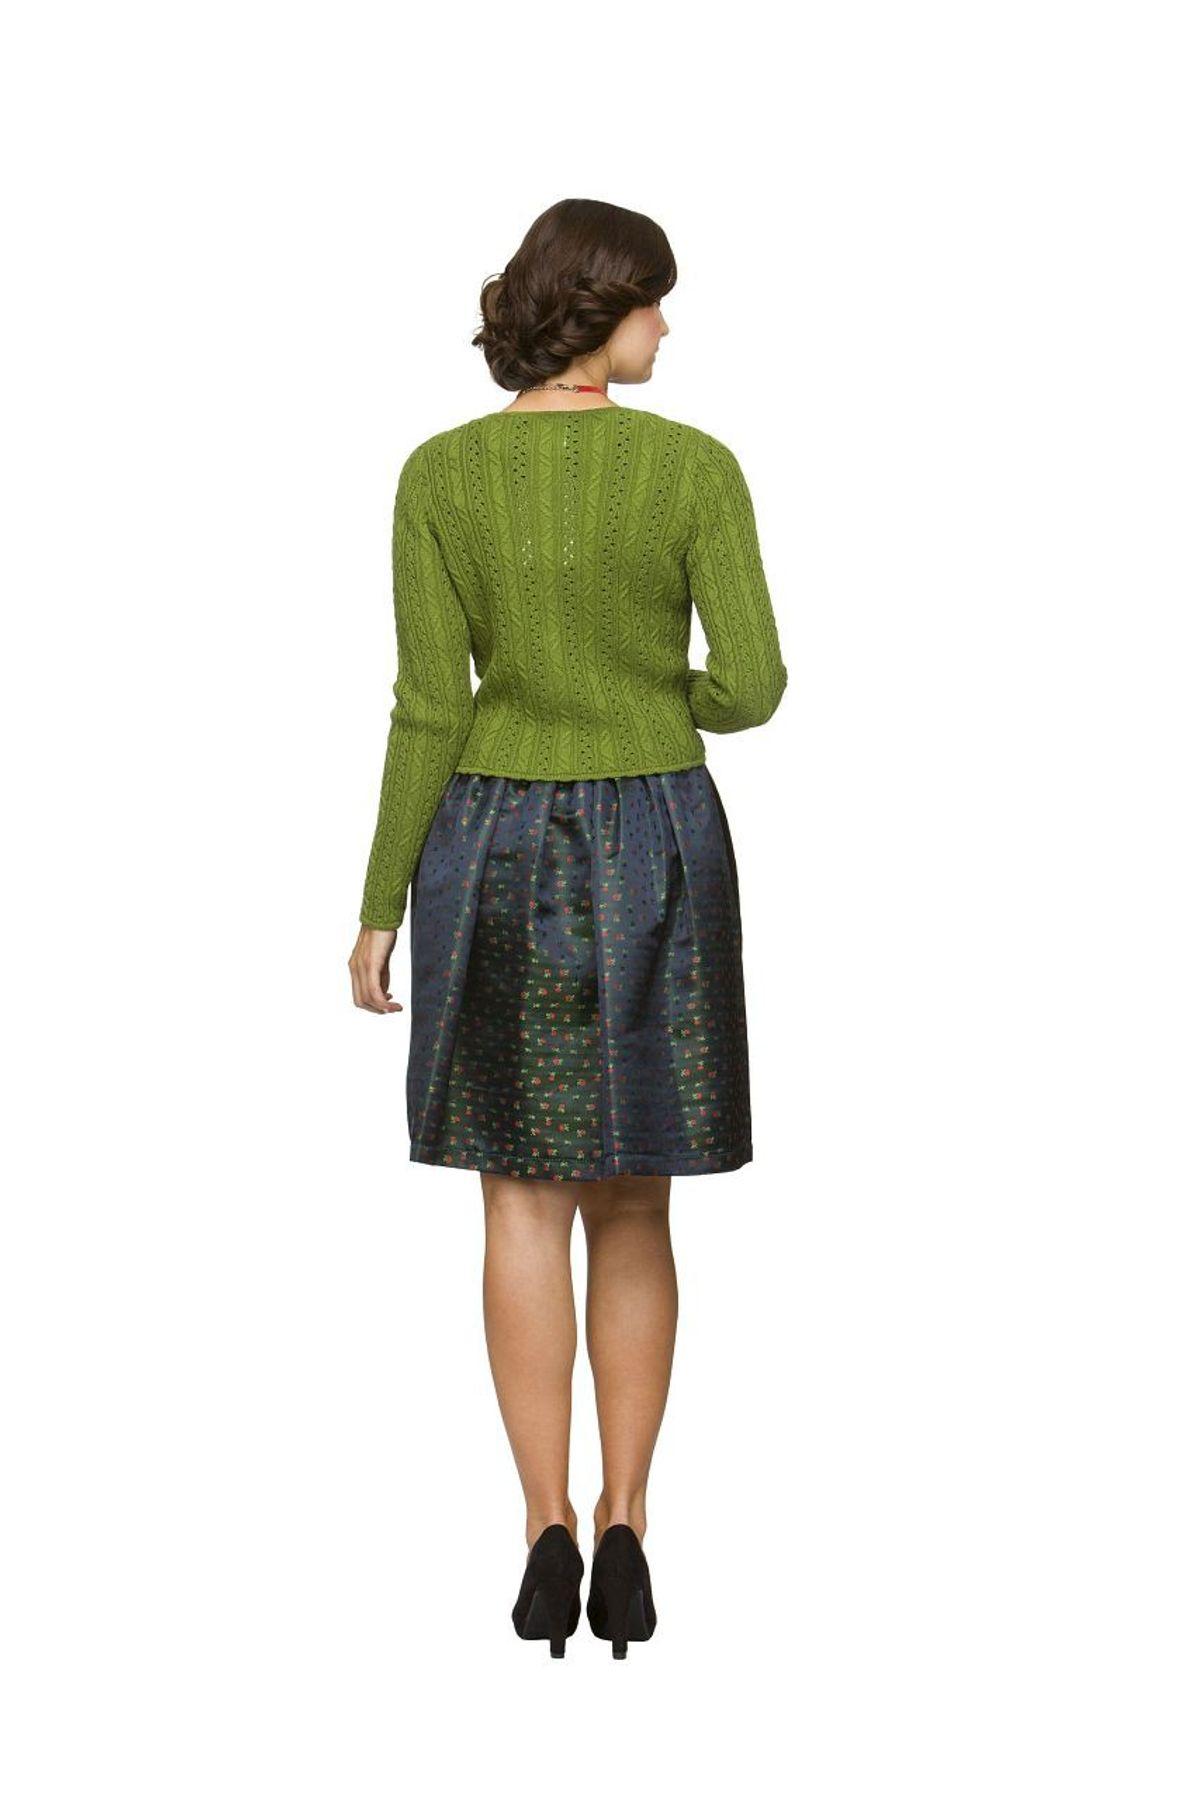 Stockerpoint - Damen Trachten Strickjacke, Liz – Bild 4